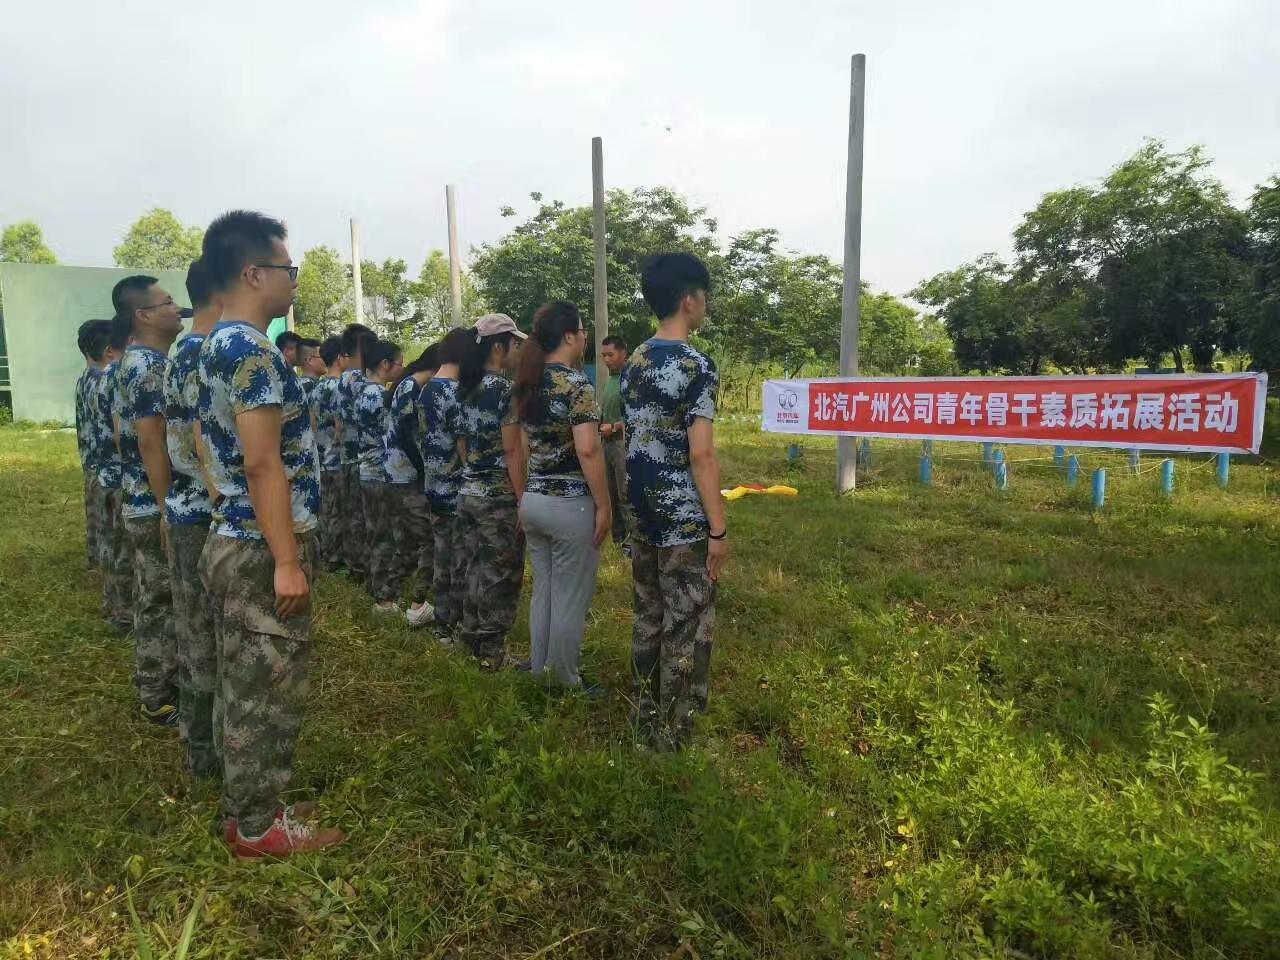 北汽广州公司青年骨干素质拓展活动